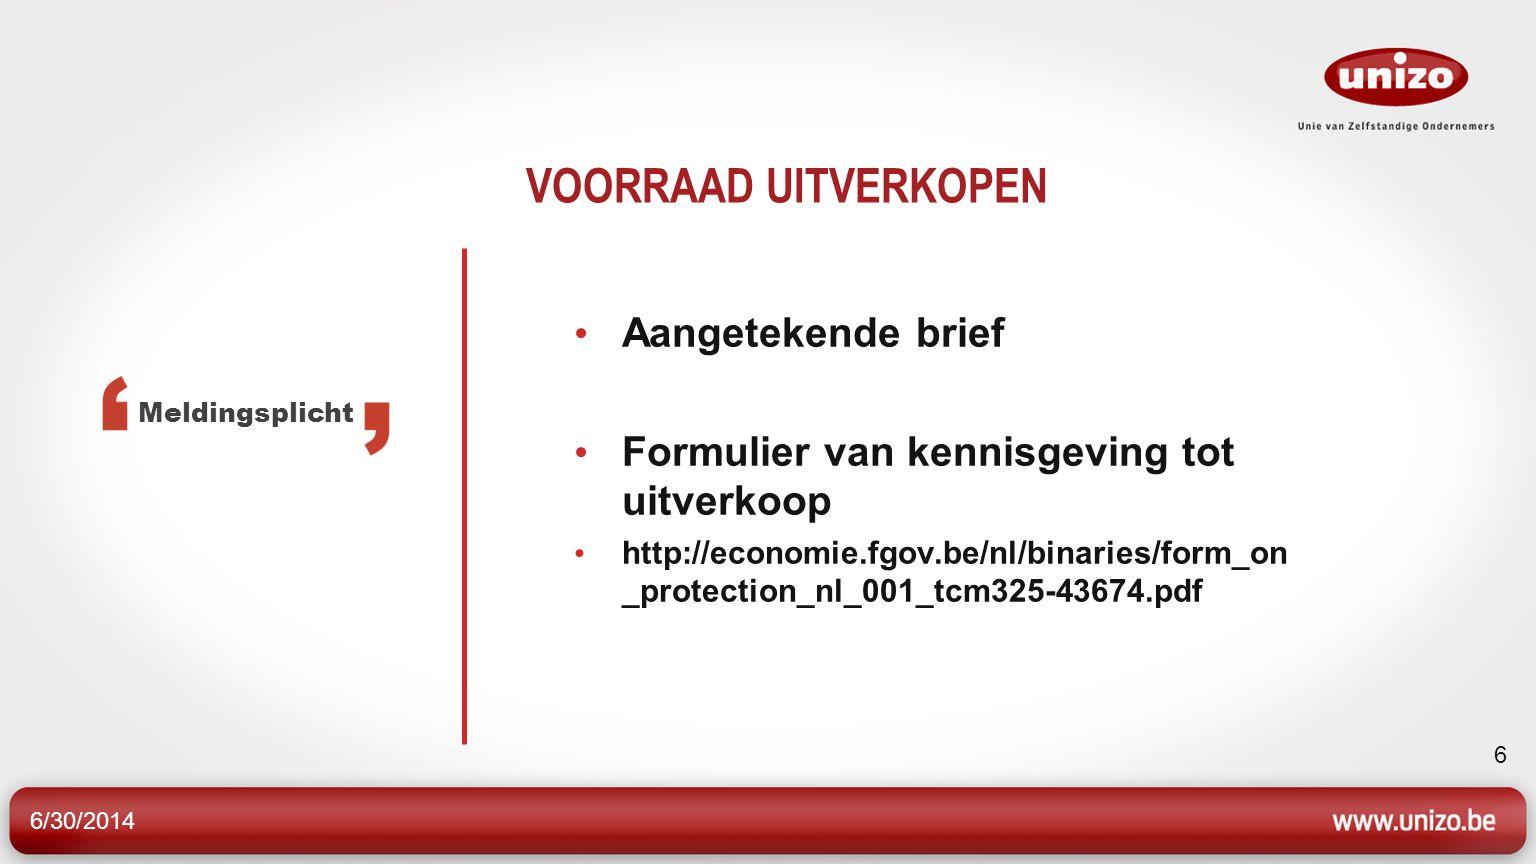 6/30/2014 37 RENTETOELAGE • Verleend door een erkende kredietinstelling • Op basis van een financieringsovereenkomst • Bedraagt maximaal € 500.000 Voor welke kredieten?